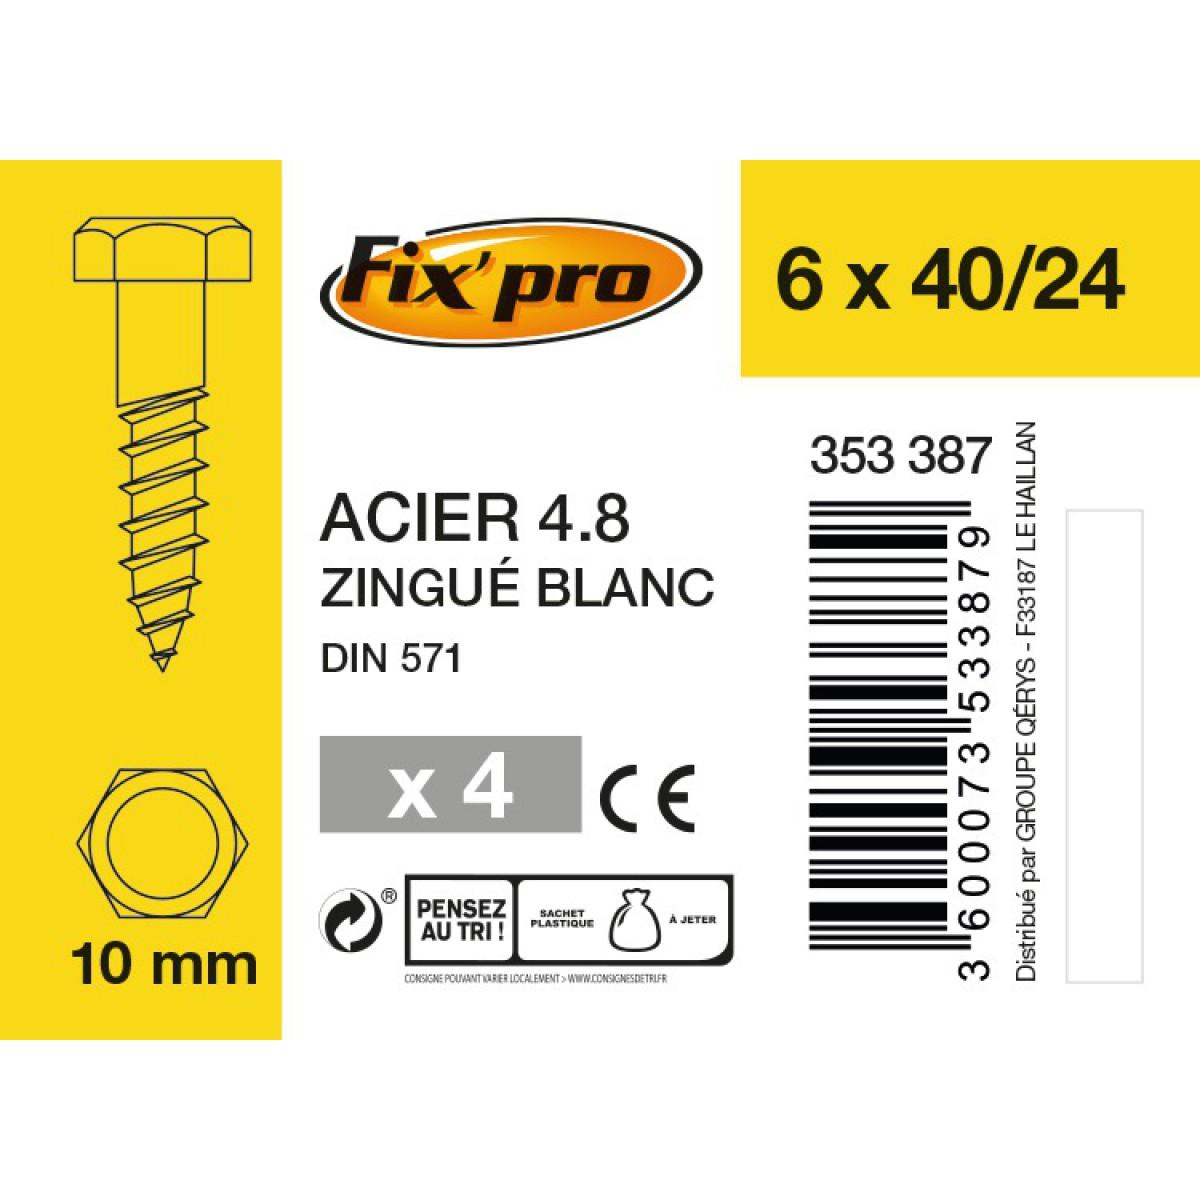 Tirefond tête hexagonale acier zingué - 6x40/24 - 4pces - Fixpro